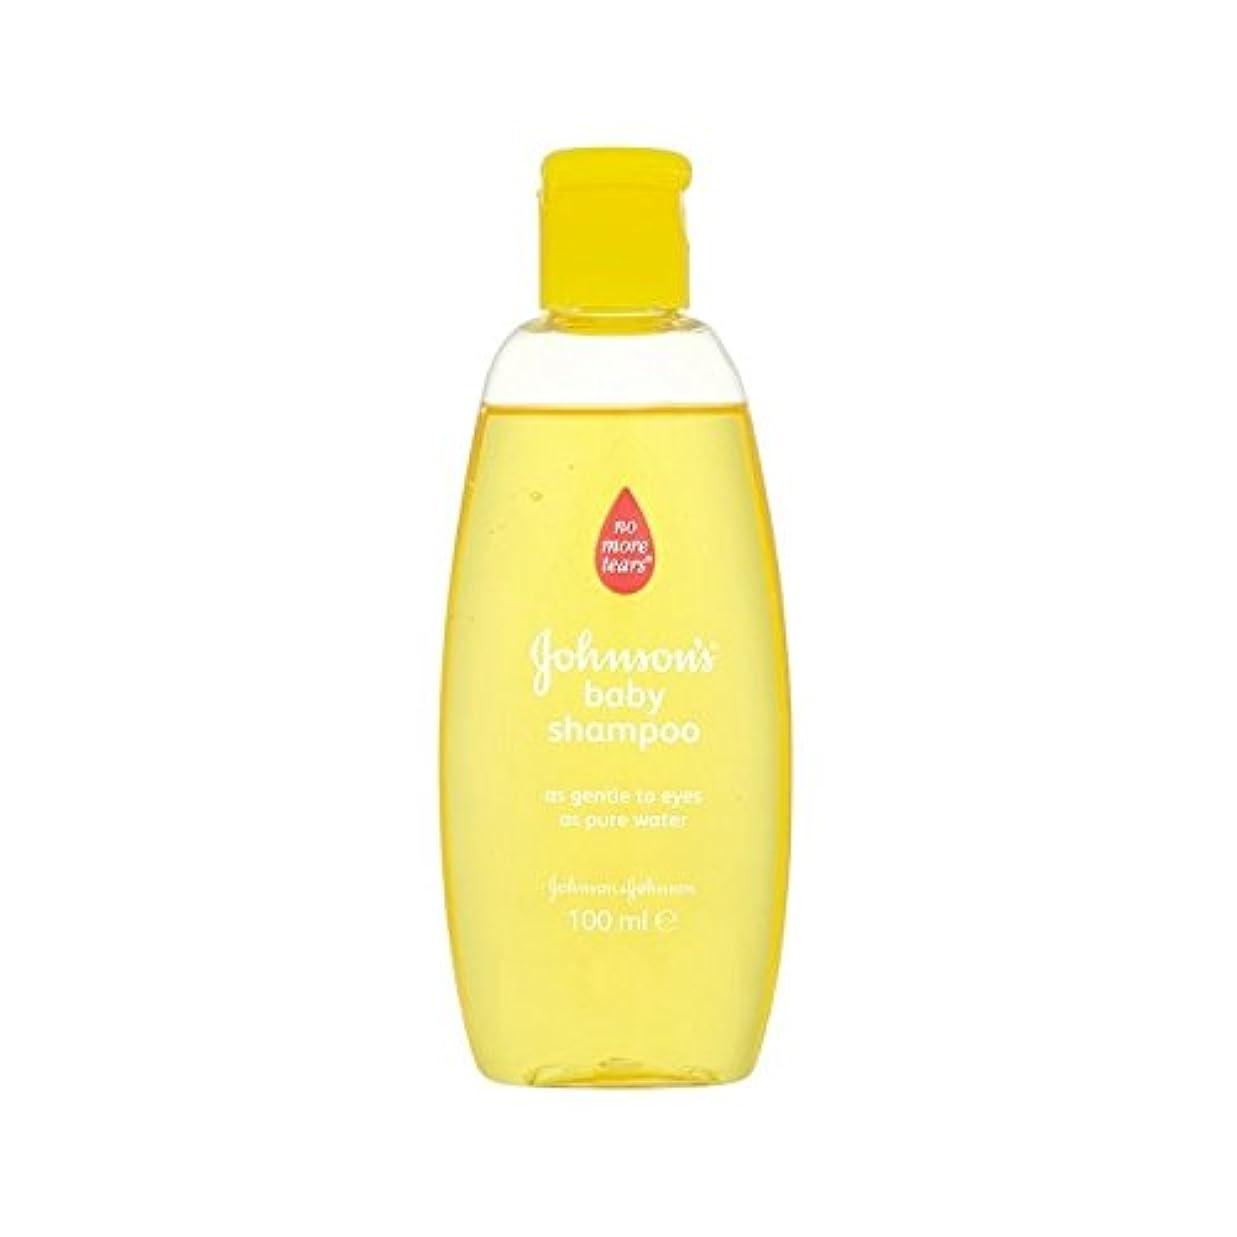 理論報復する入場料金旅行シャンプー100ミリリットル (Johnson's Baby) (x 6) - Johnson's Baby Gold Travel Shampoo 100ml (Pack of 6) [並行輸入品]